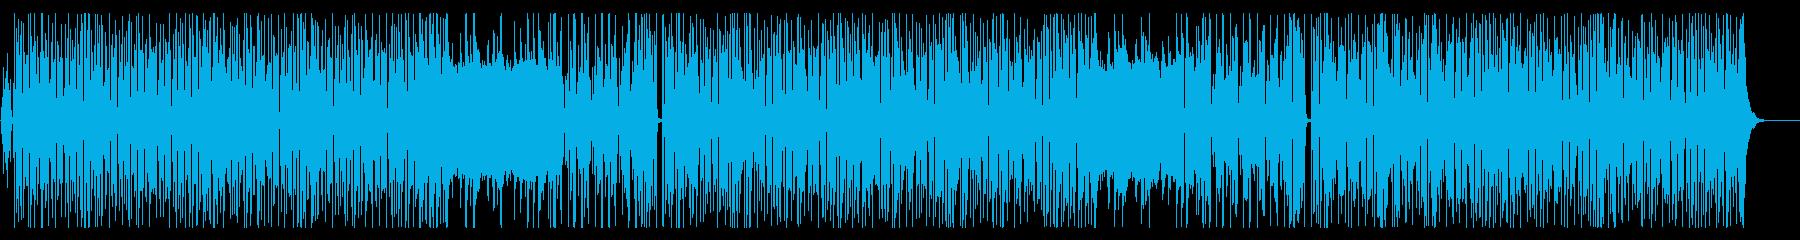 ビーチサイドに、ゆったりとしたインストの再生済みの波形